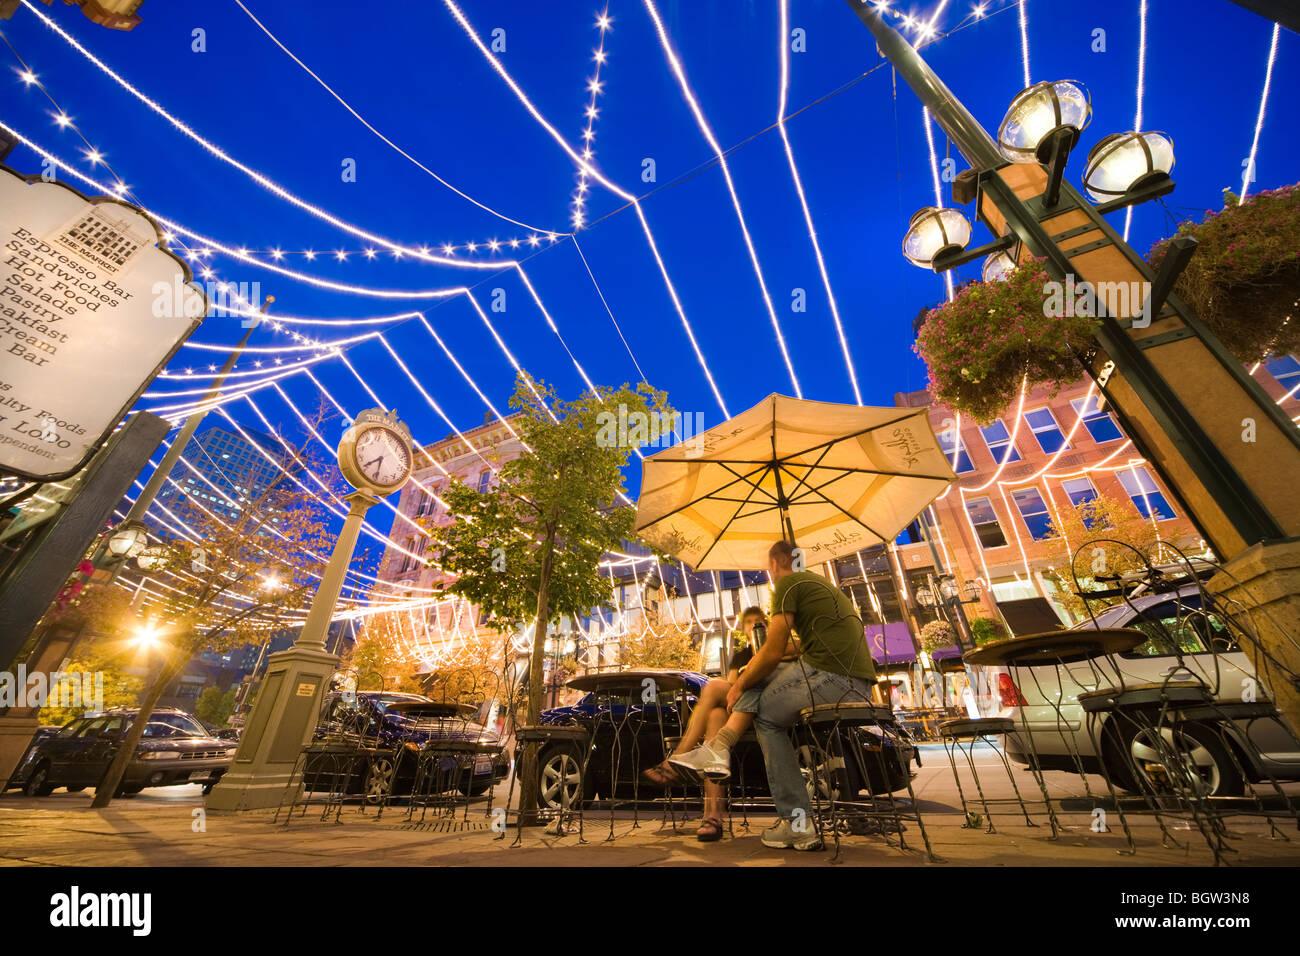 LoDo Denver drogheria Deli Restaurant Cafe il mercato a Larimer Square, Street al crepuscolo. Immagini Stock